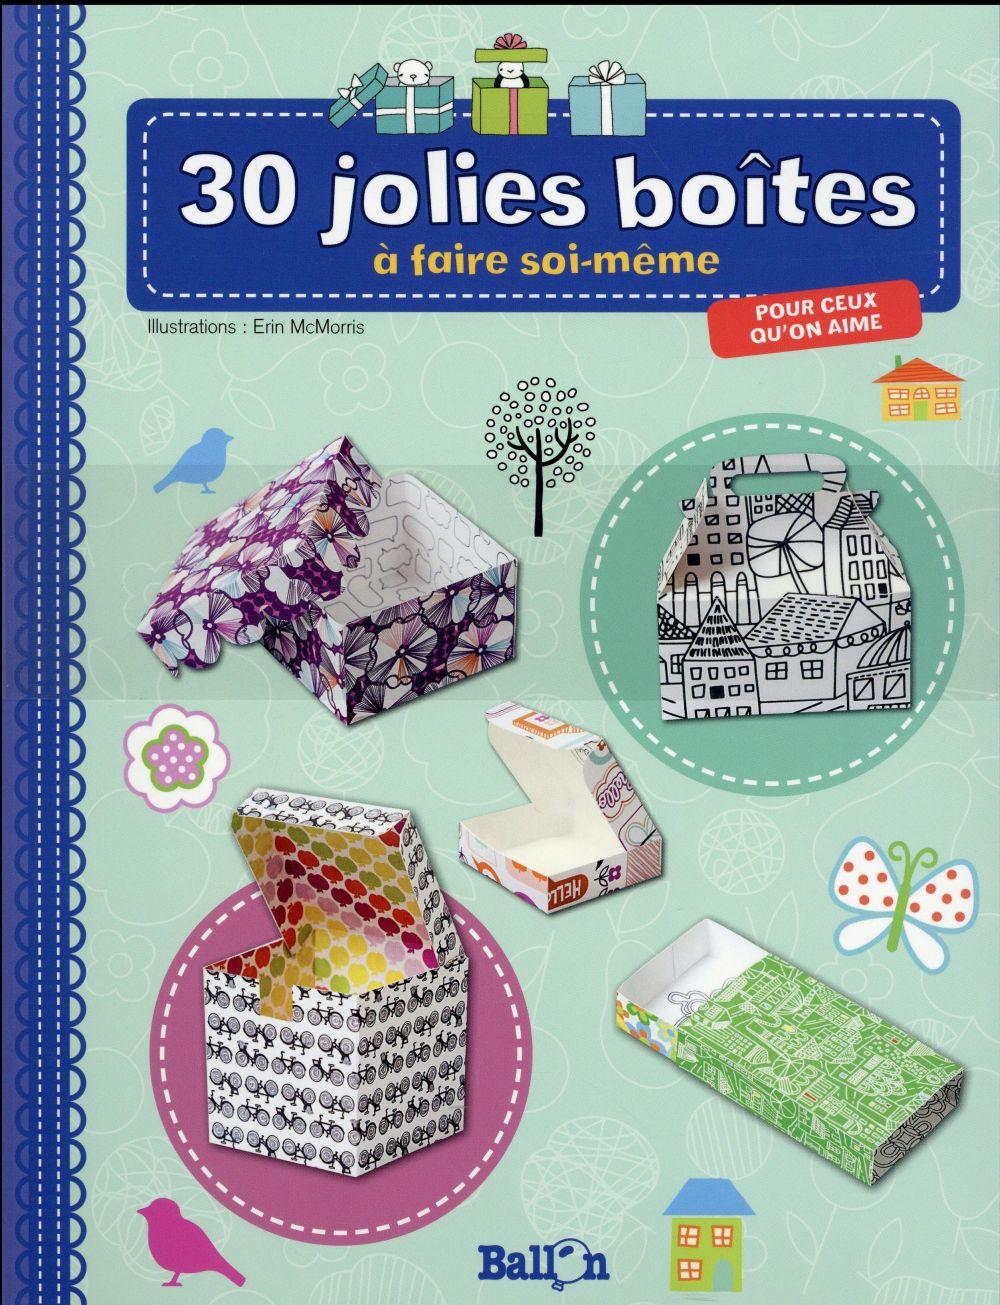 30 JOLIES BOITES POUR CEUX QU'ON AIME